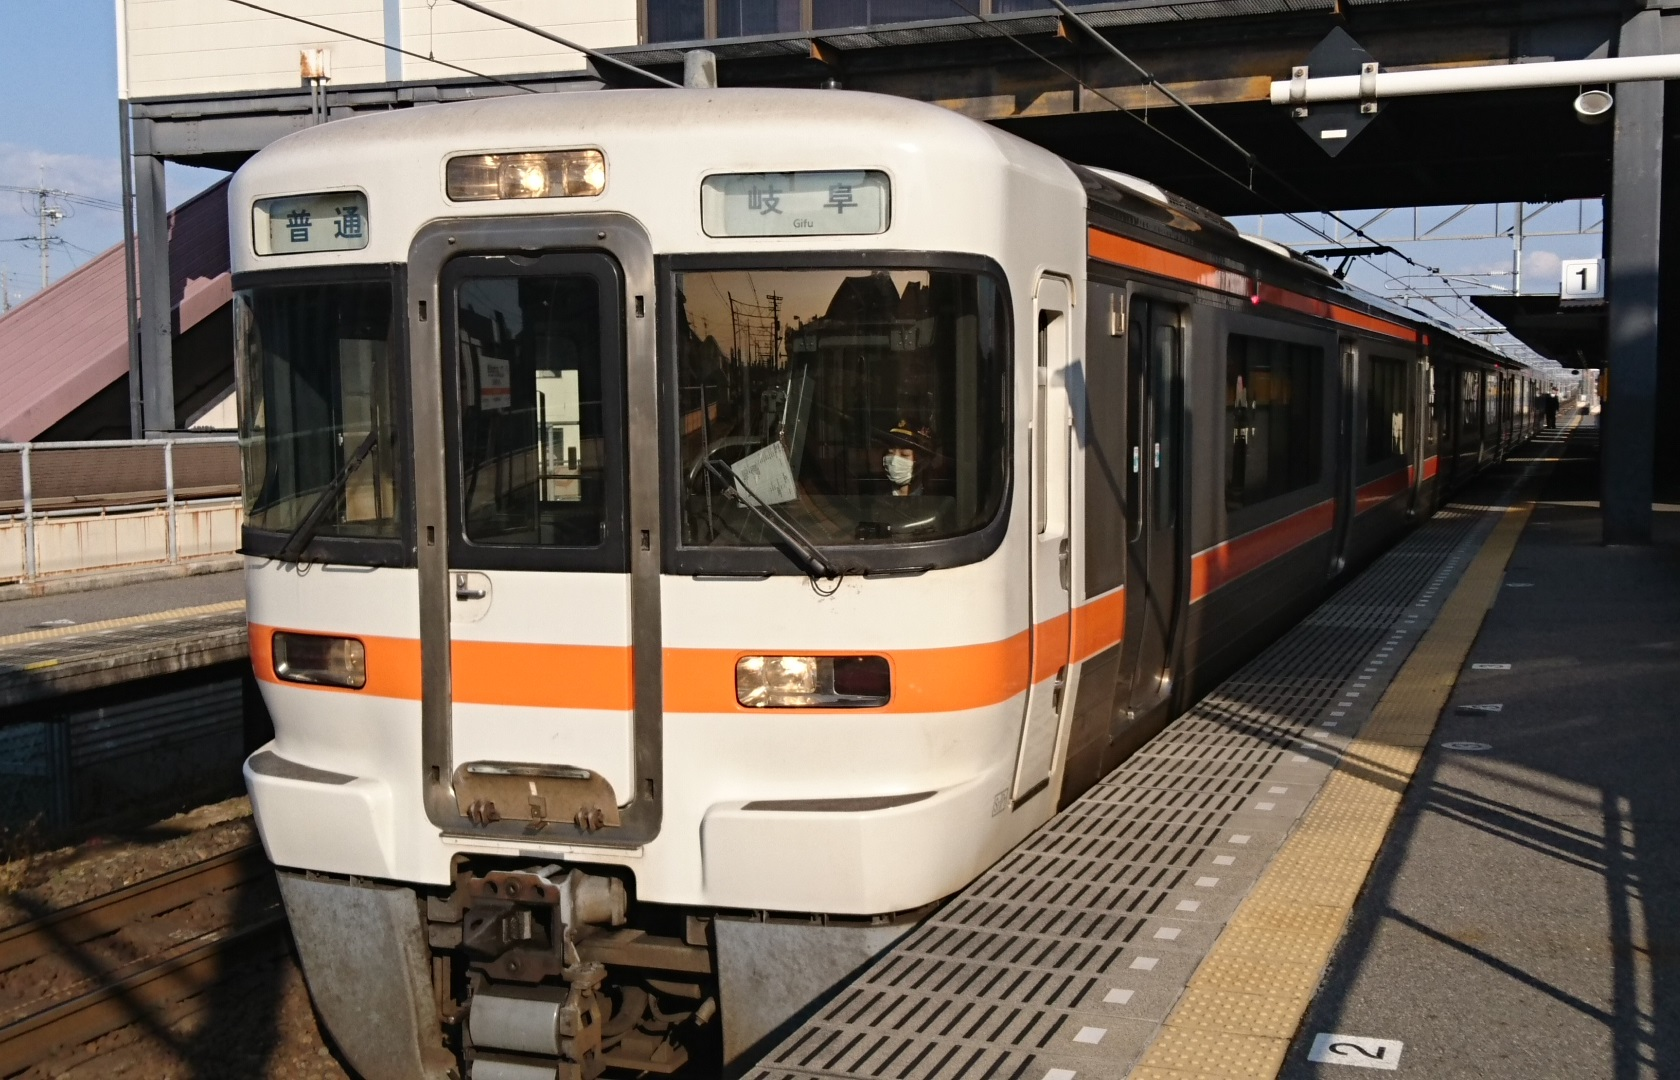 2017.3.27 東海道線 (18) 西岡崎 - 岐阜いきふつう 1680-1080